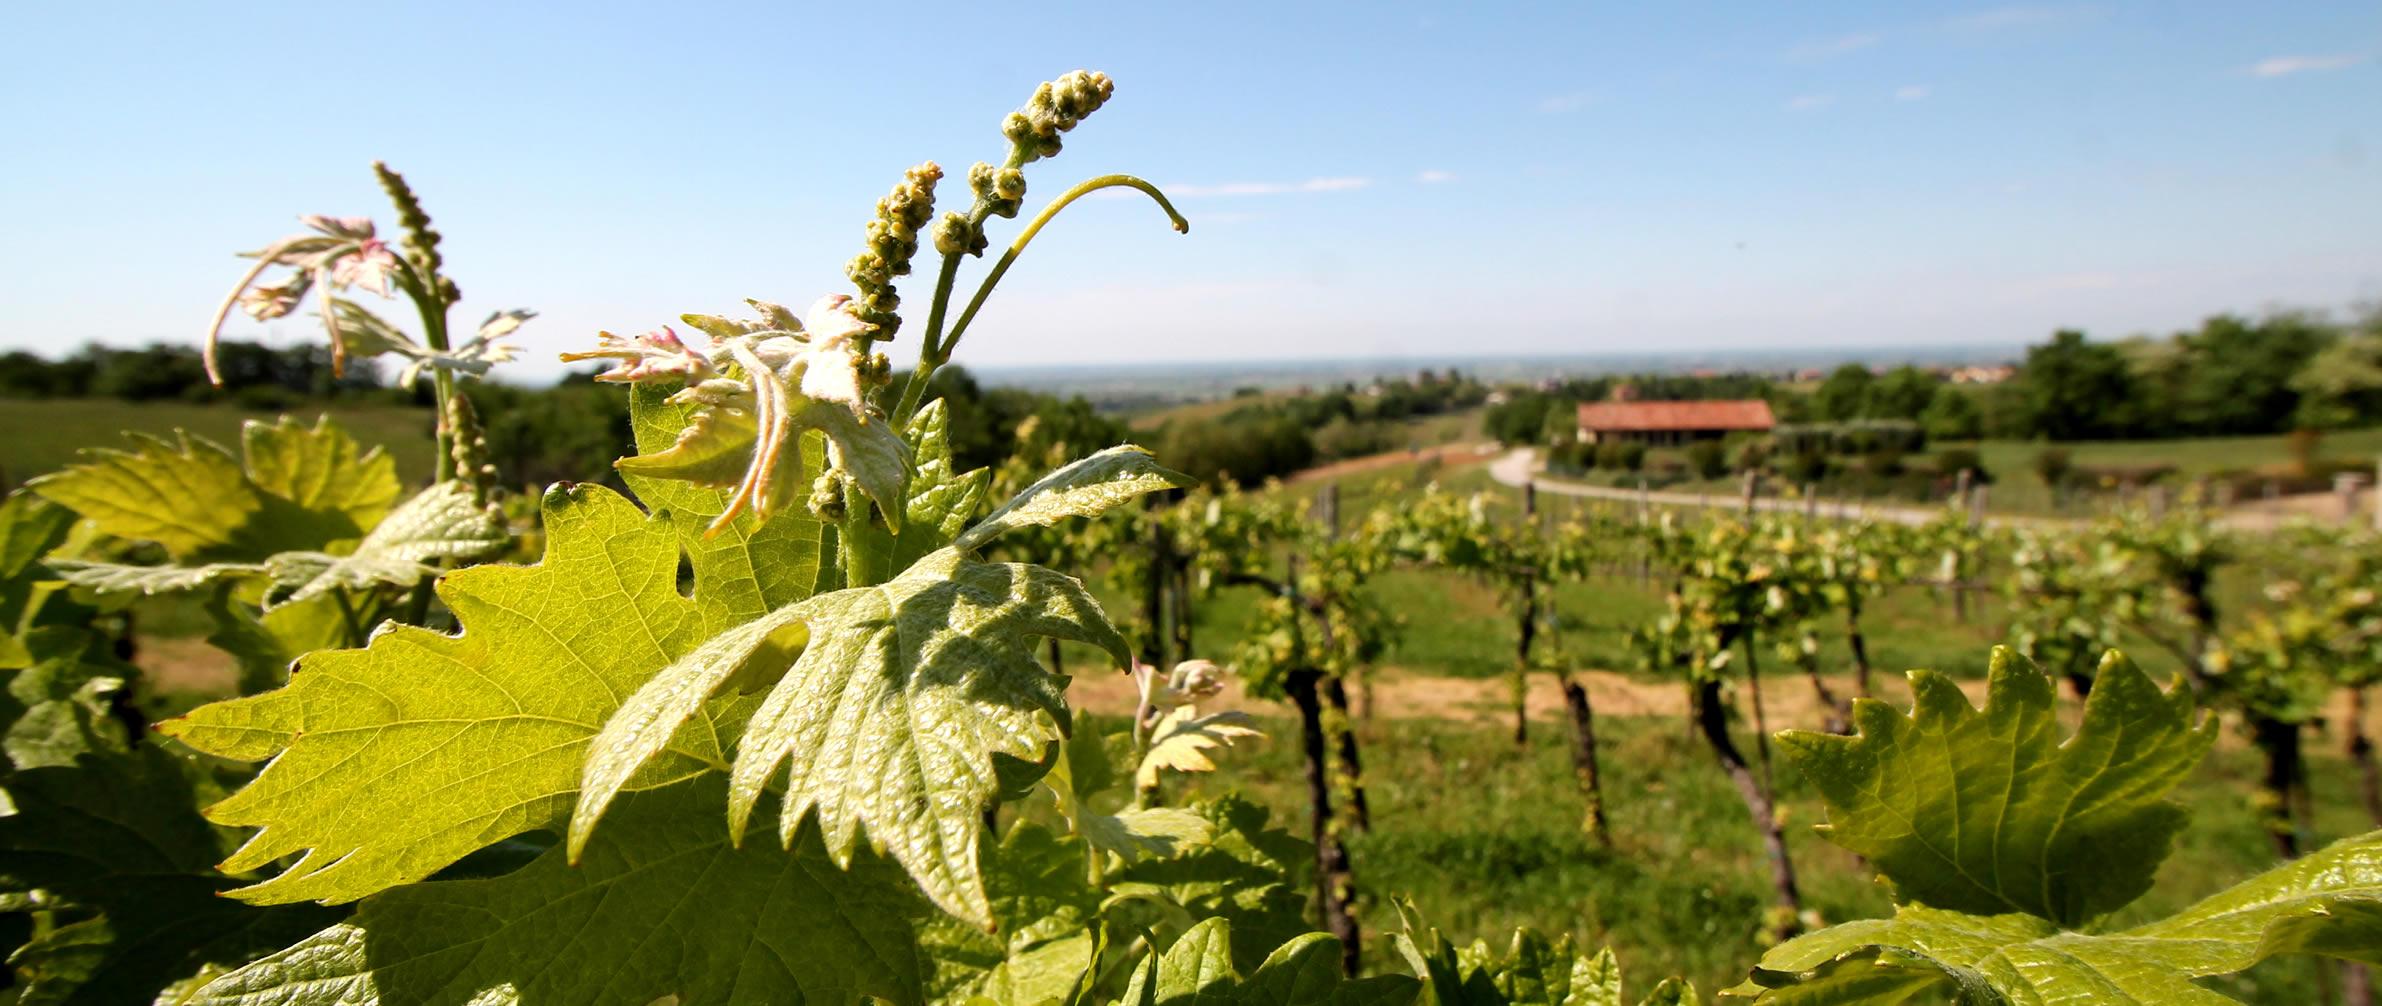 Vigneto Prime Alture Winery